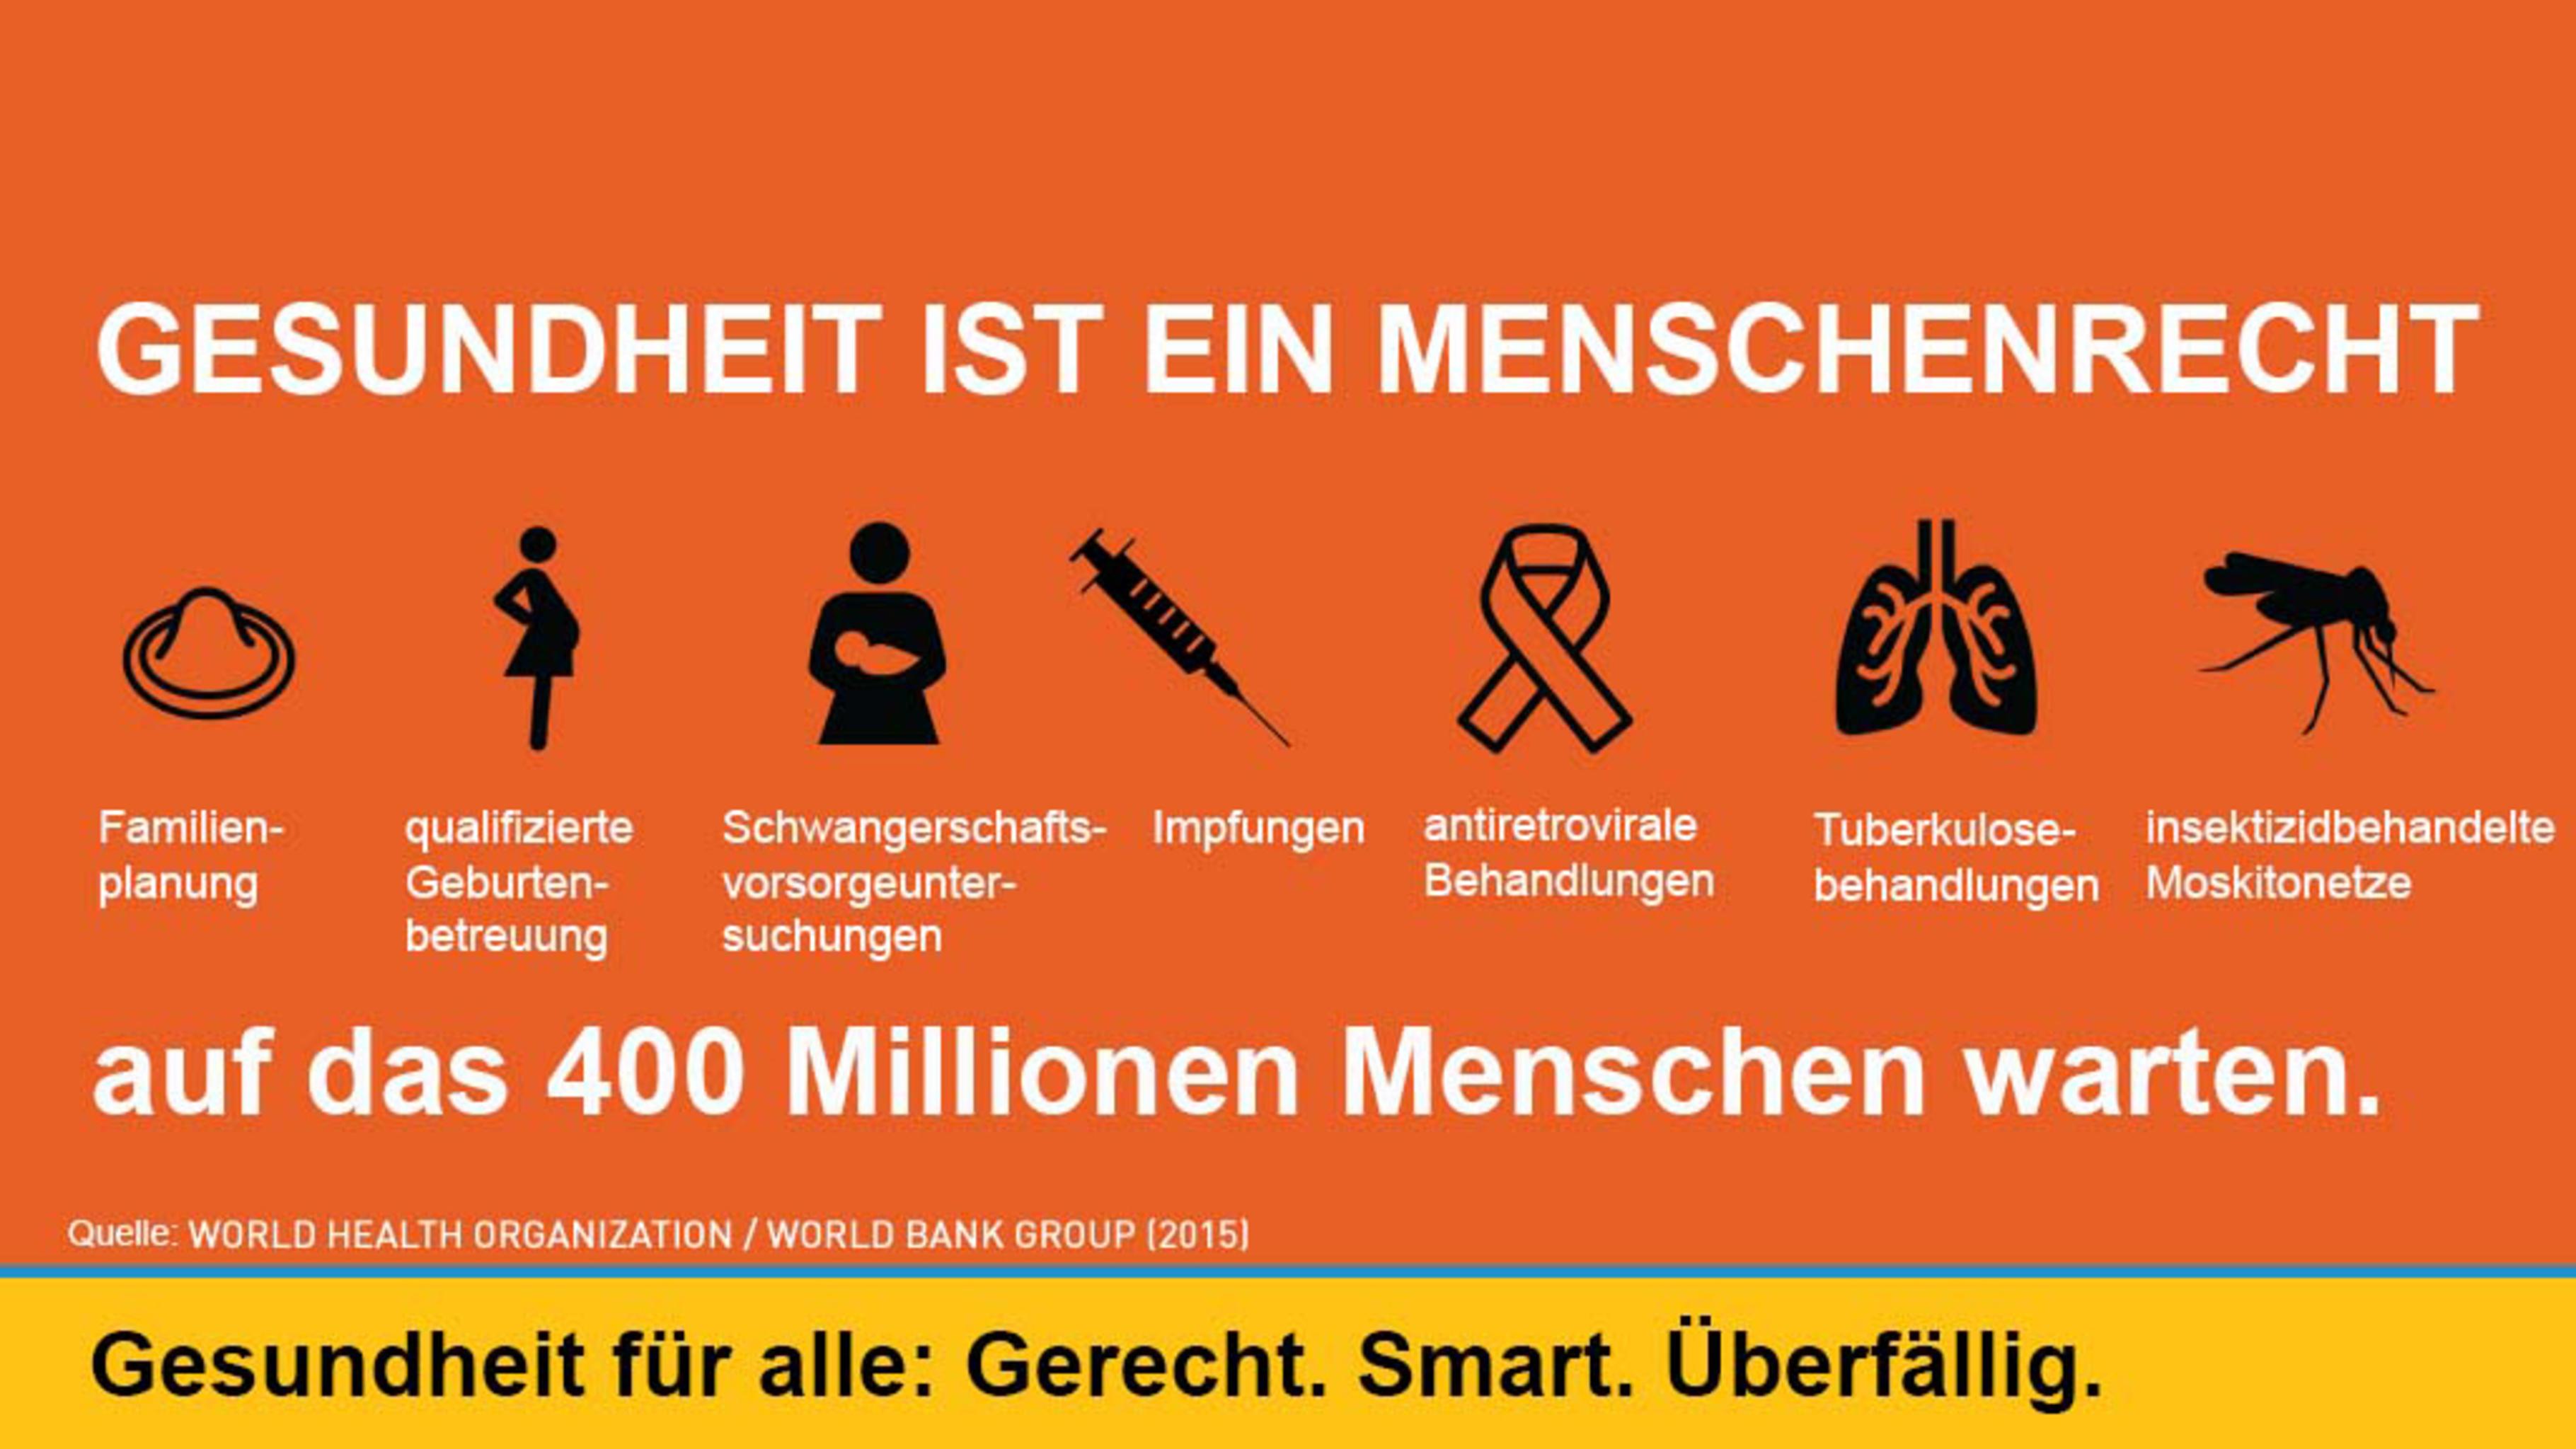 Gesundheit ist ein Menschenrecht